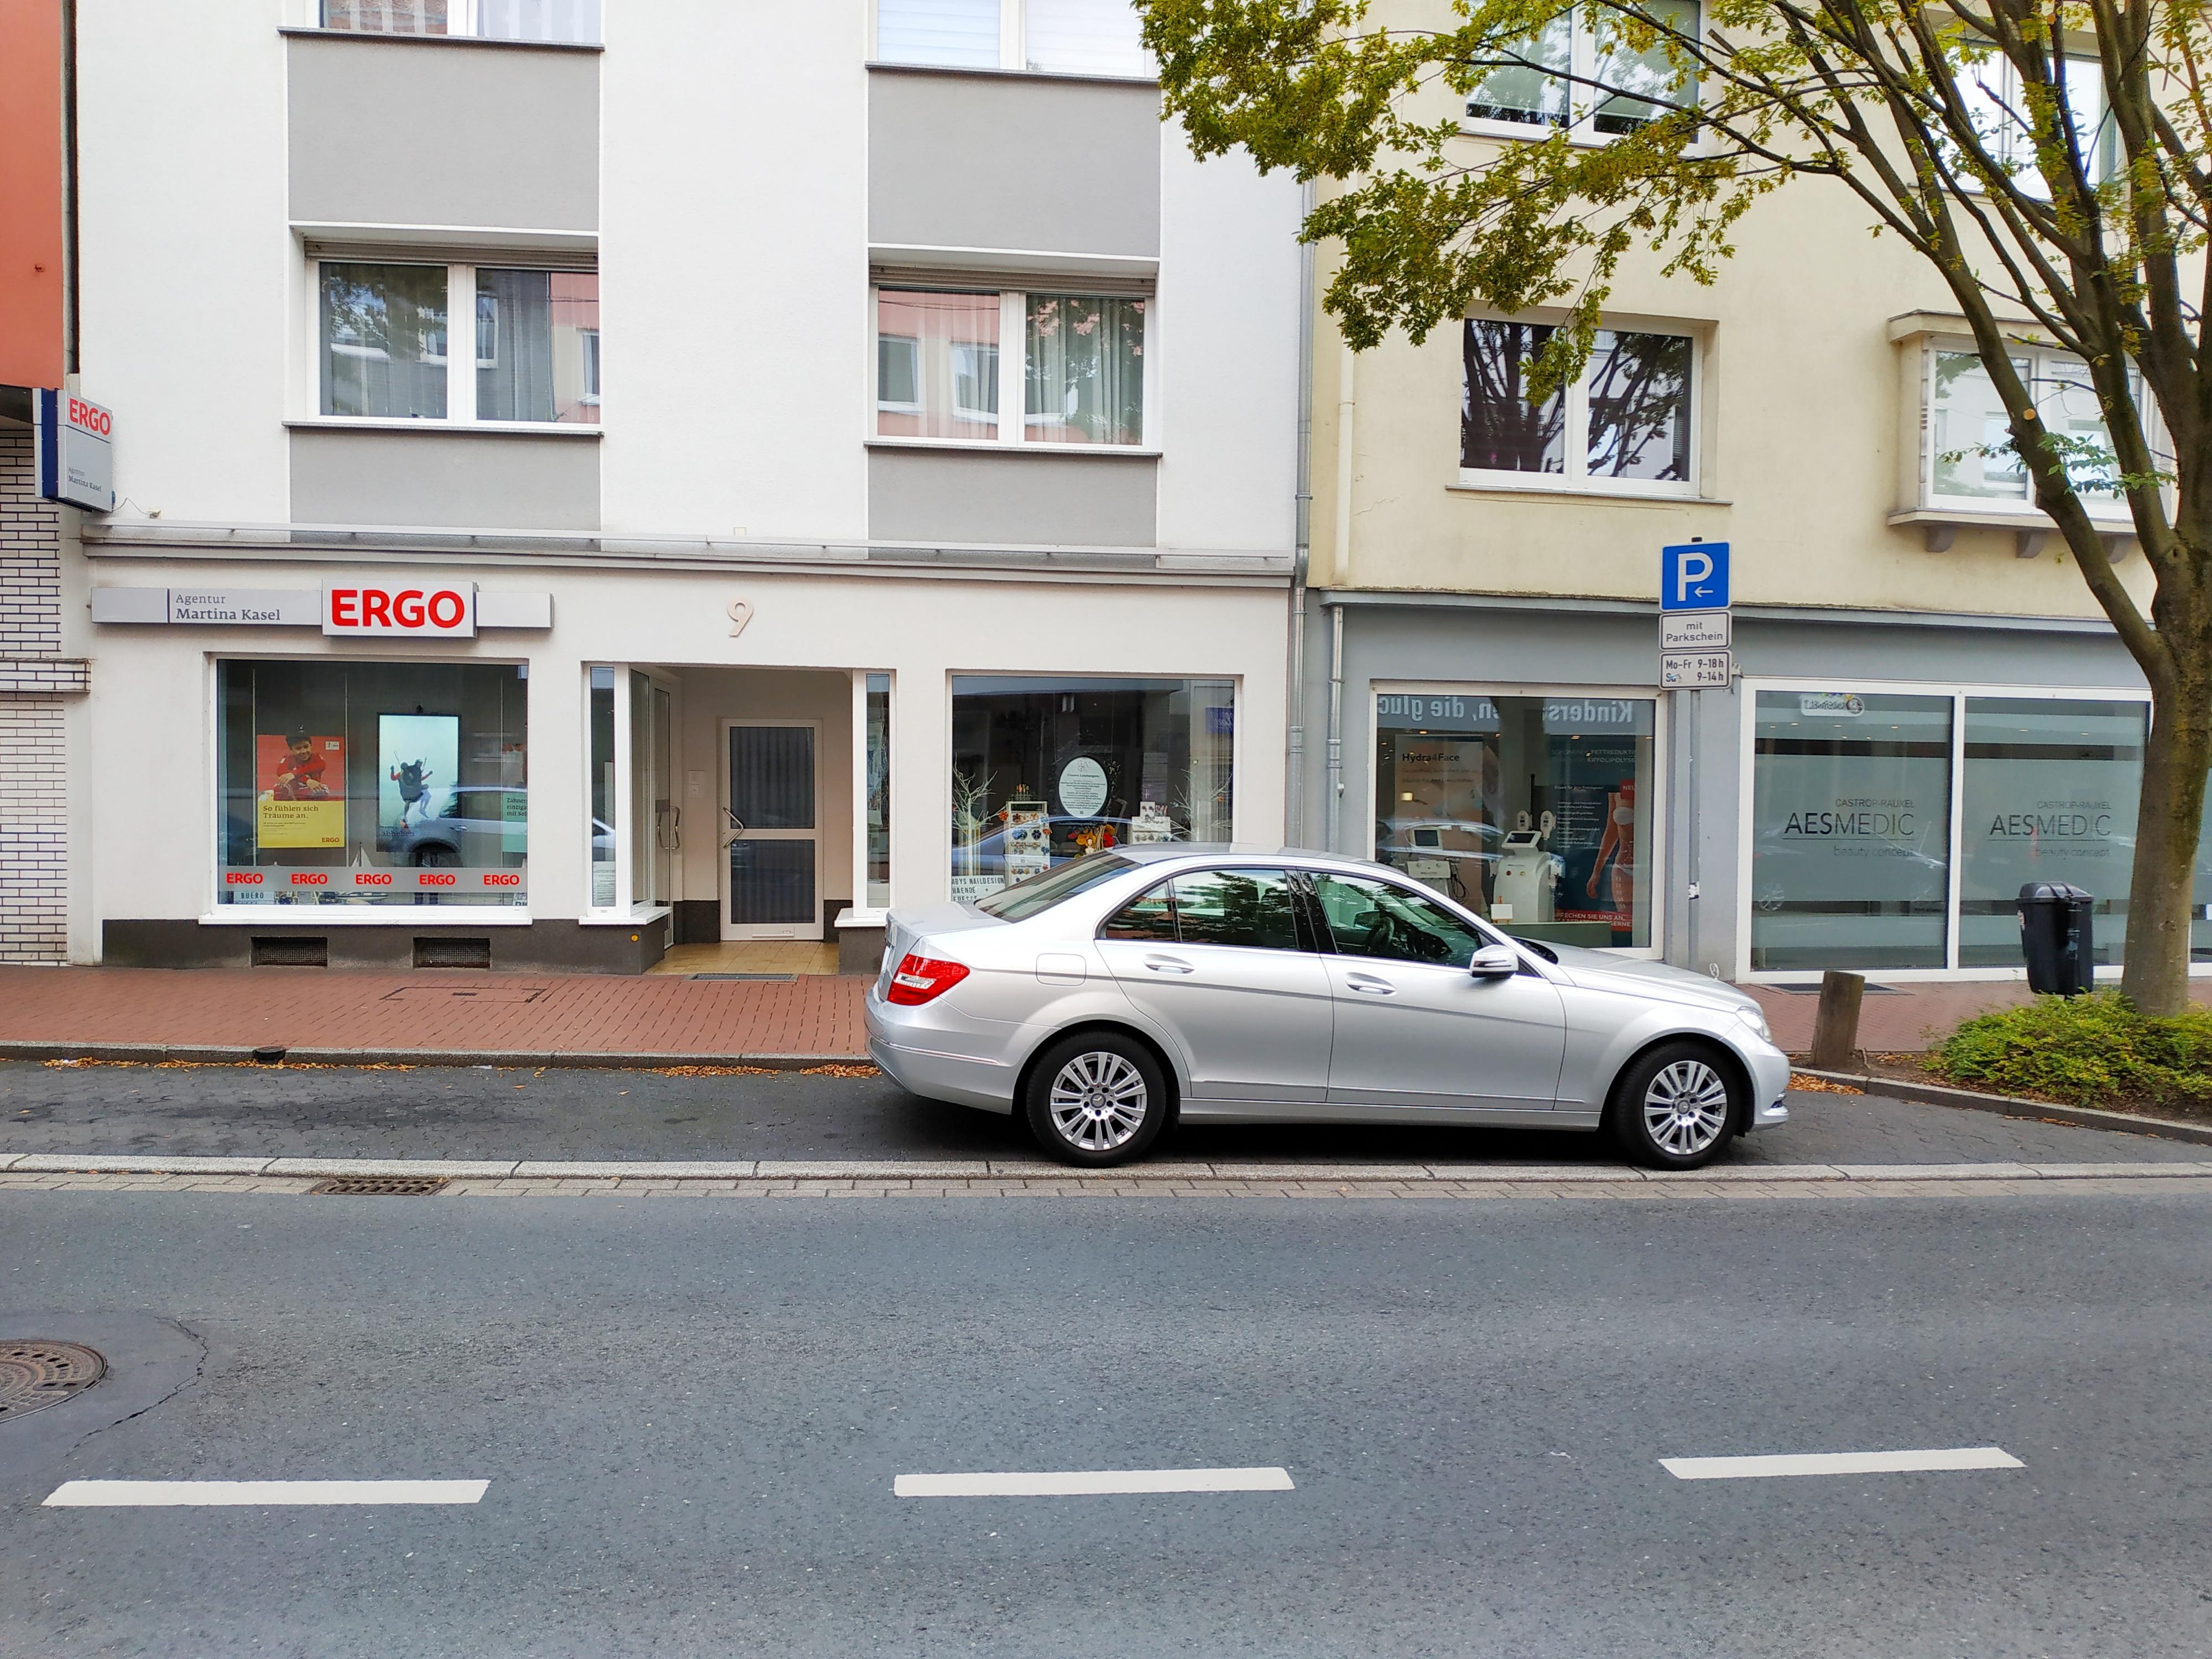 19 m² Ladenlokal in Top Lage in der Castroper Altstadt!